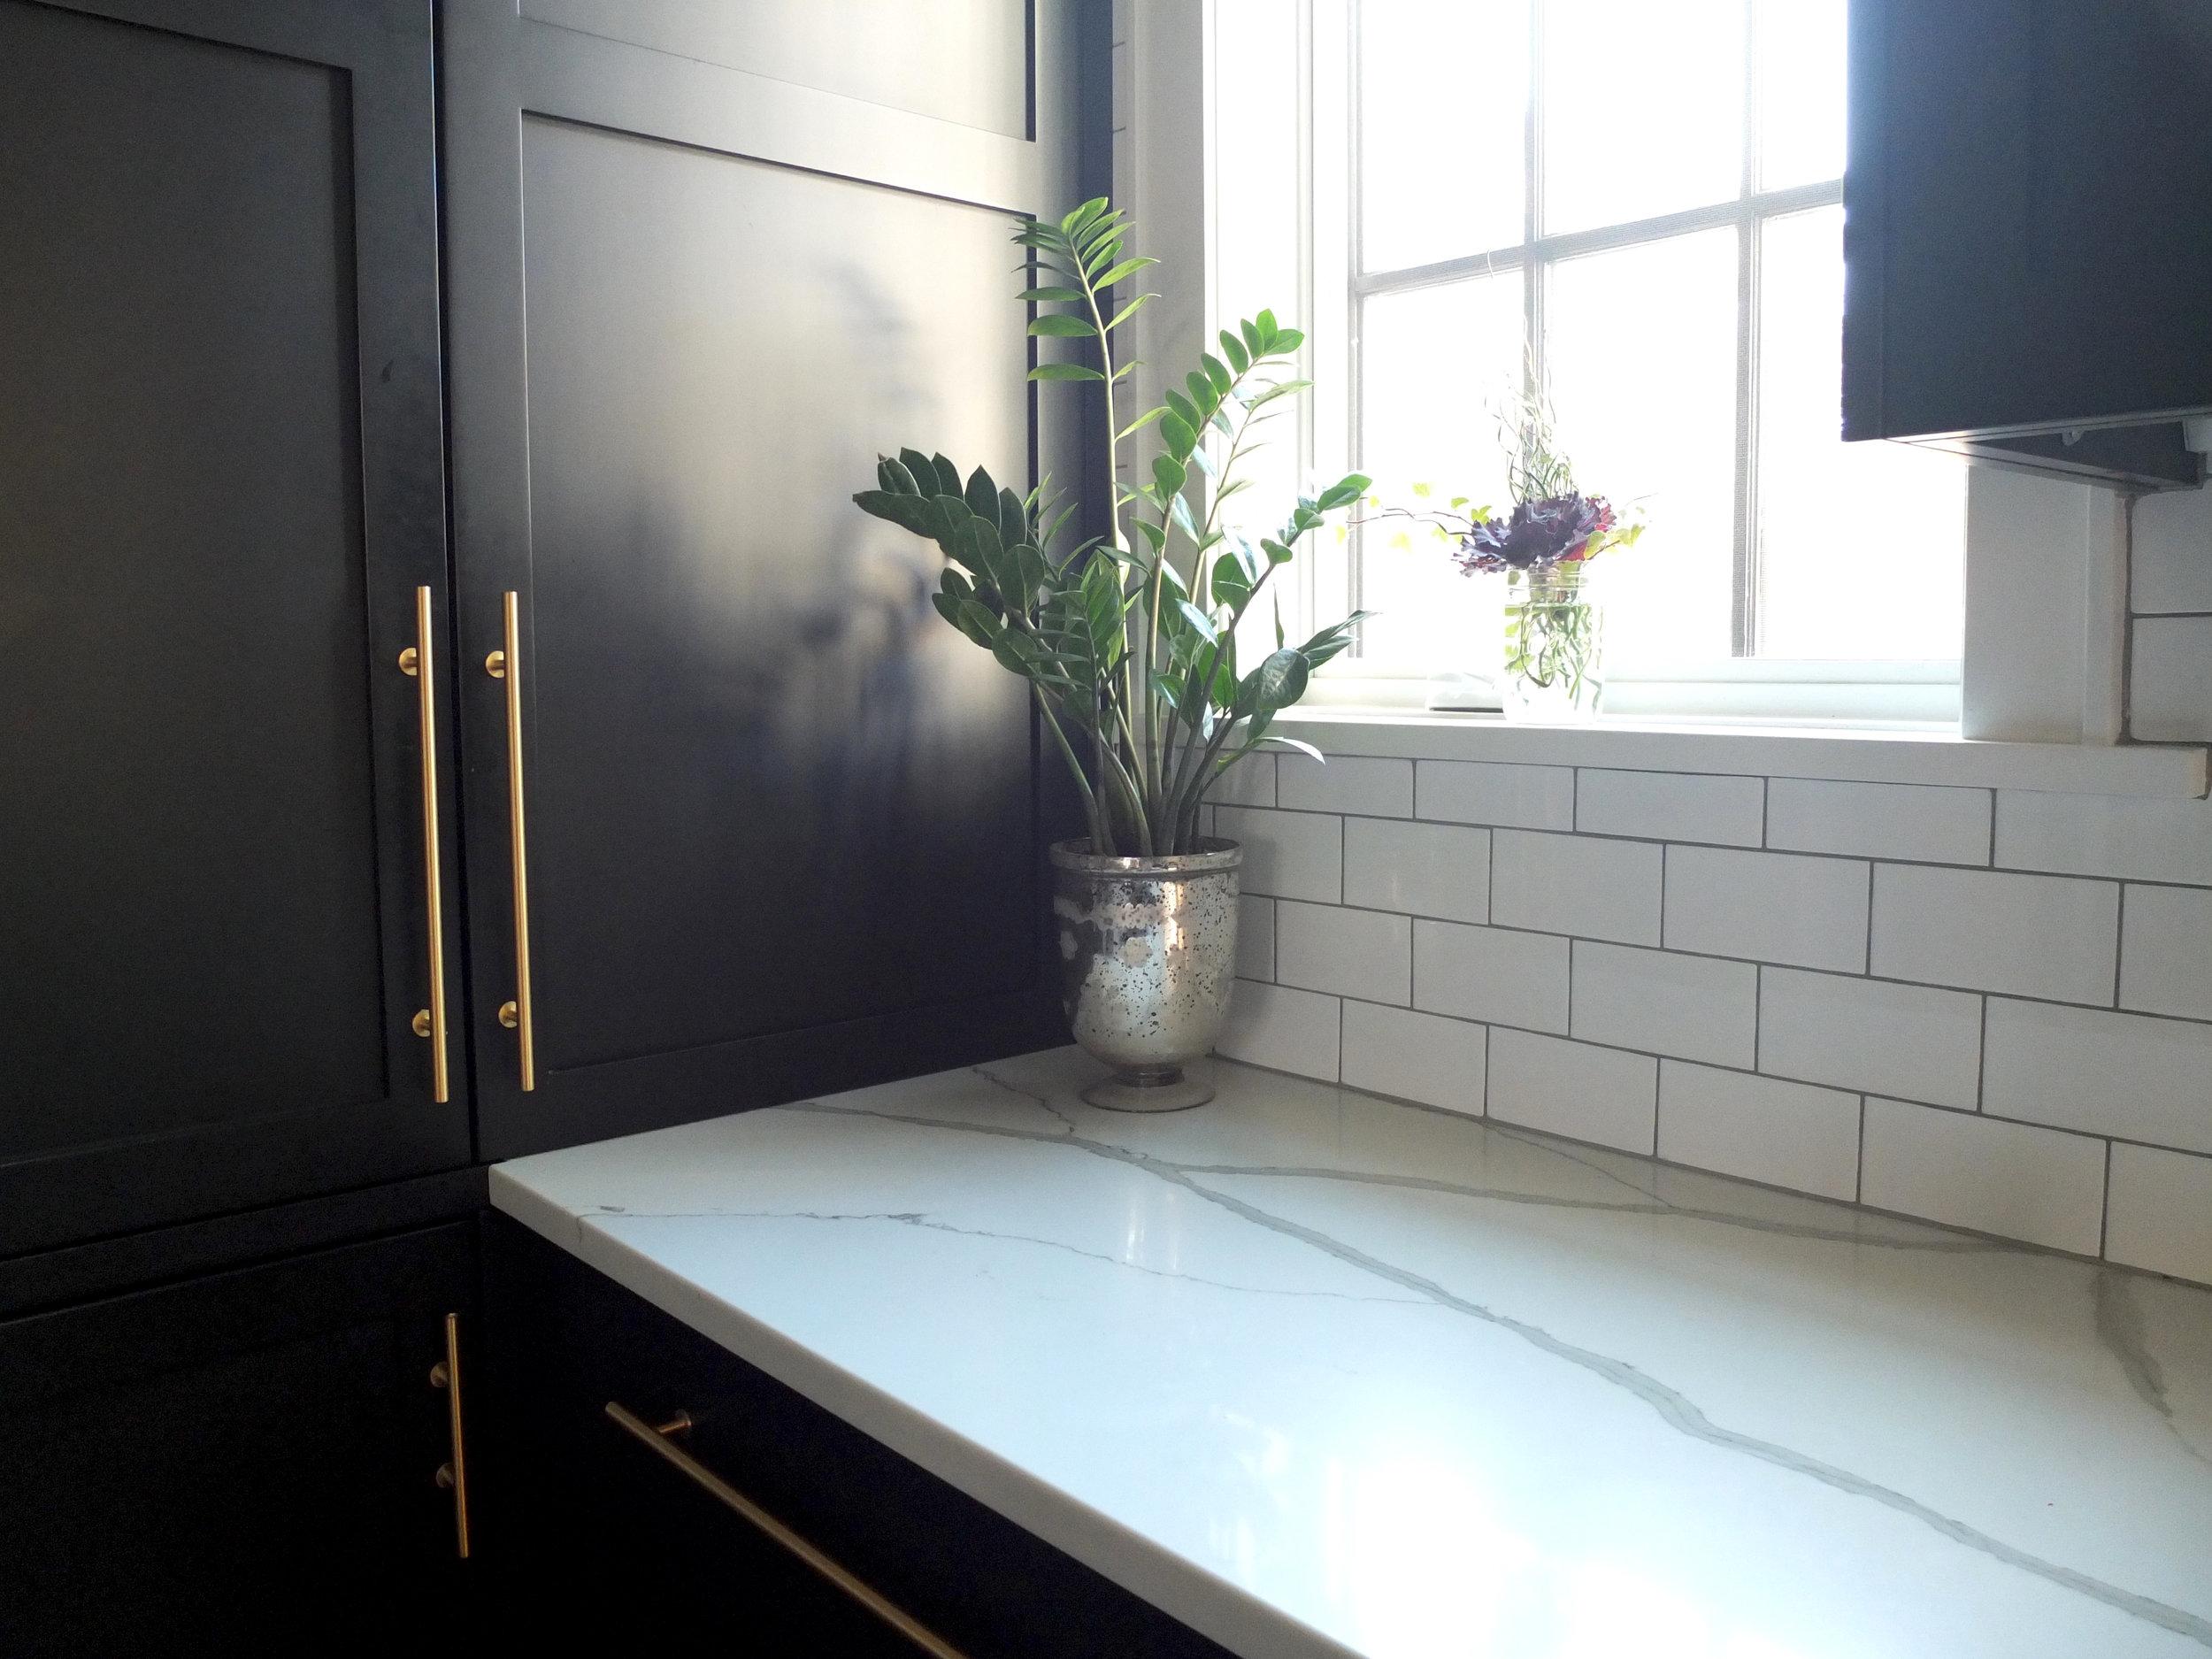 Kitchen_Pantry_Detail_DSCF0841 copy.jpg